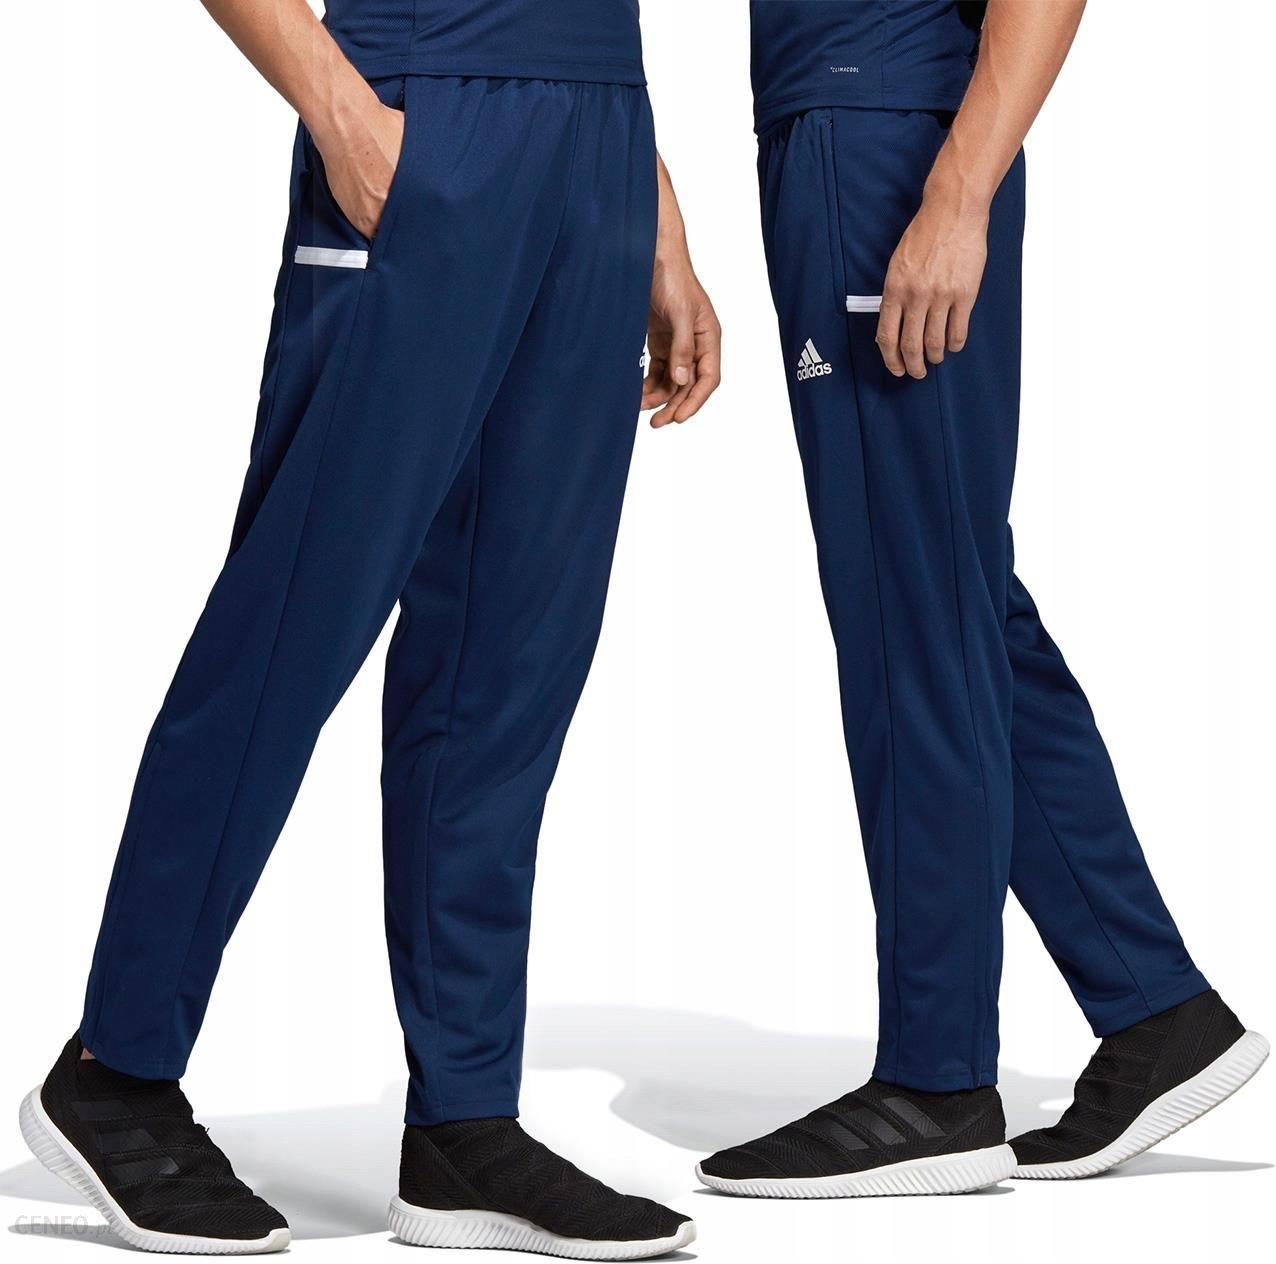 Spodnie dresowe męskie adidas granatowe DY8809 M Ceny i opinie Ceneo.pl